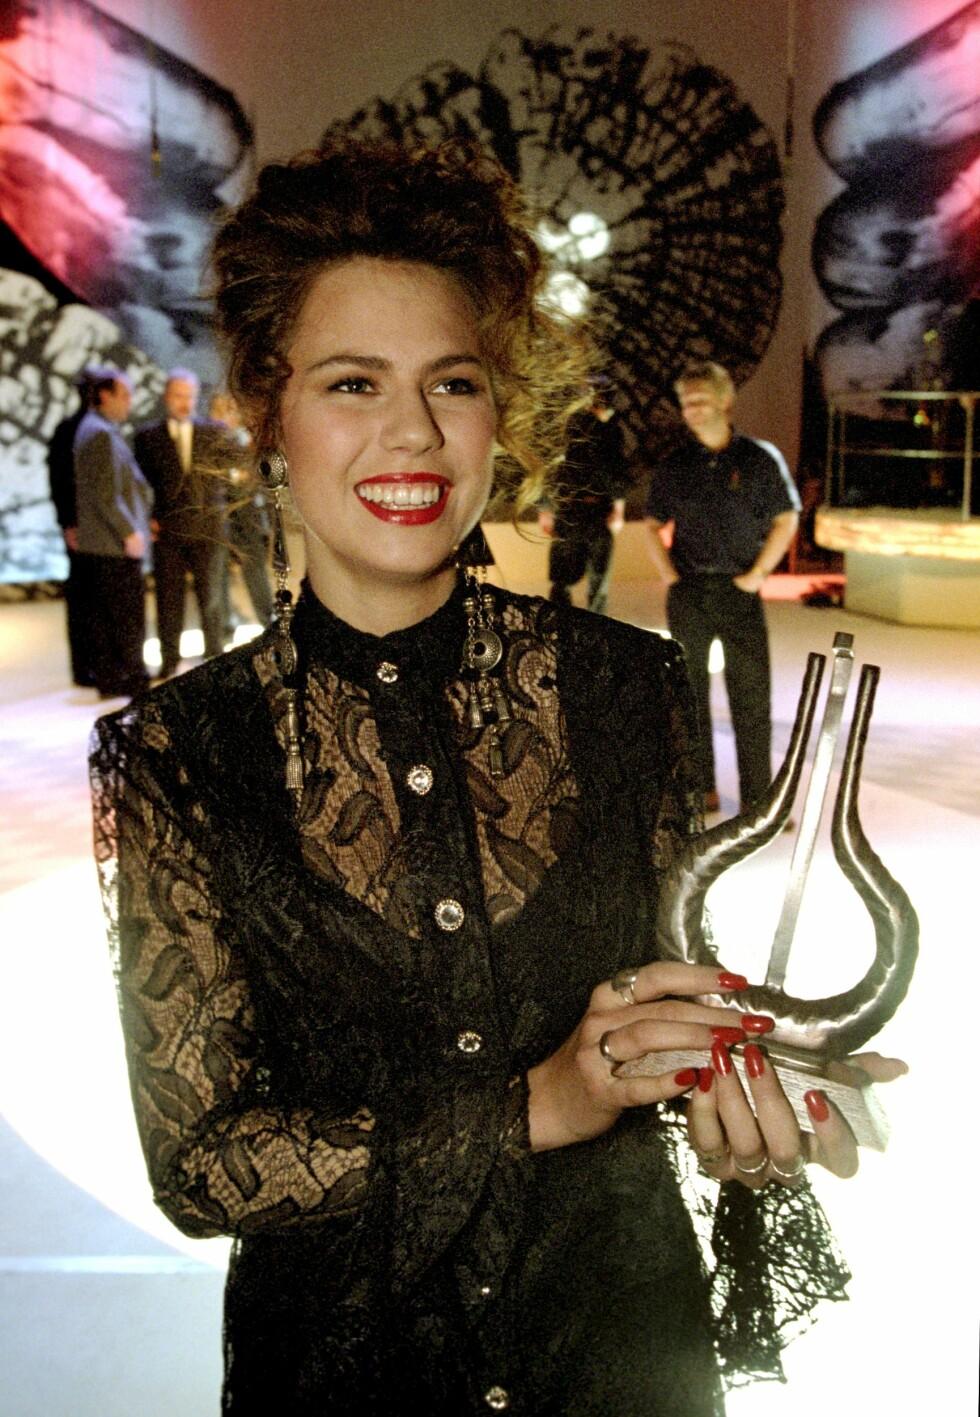 PRISVINNER: I 1994 vant Trine prisen for årets nykommer under Spellemannsprisen. Foto: NTB Scanpix